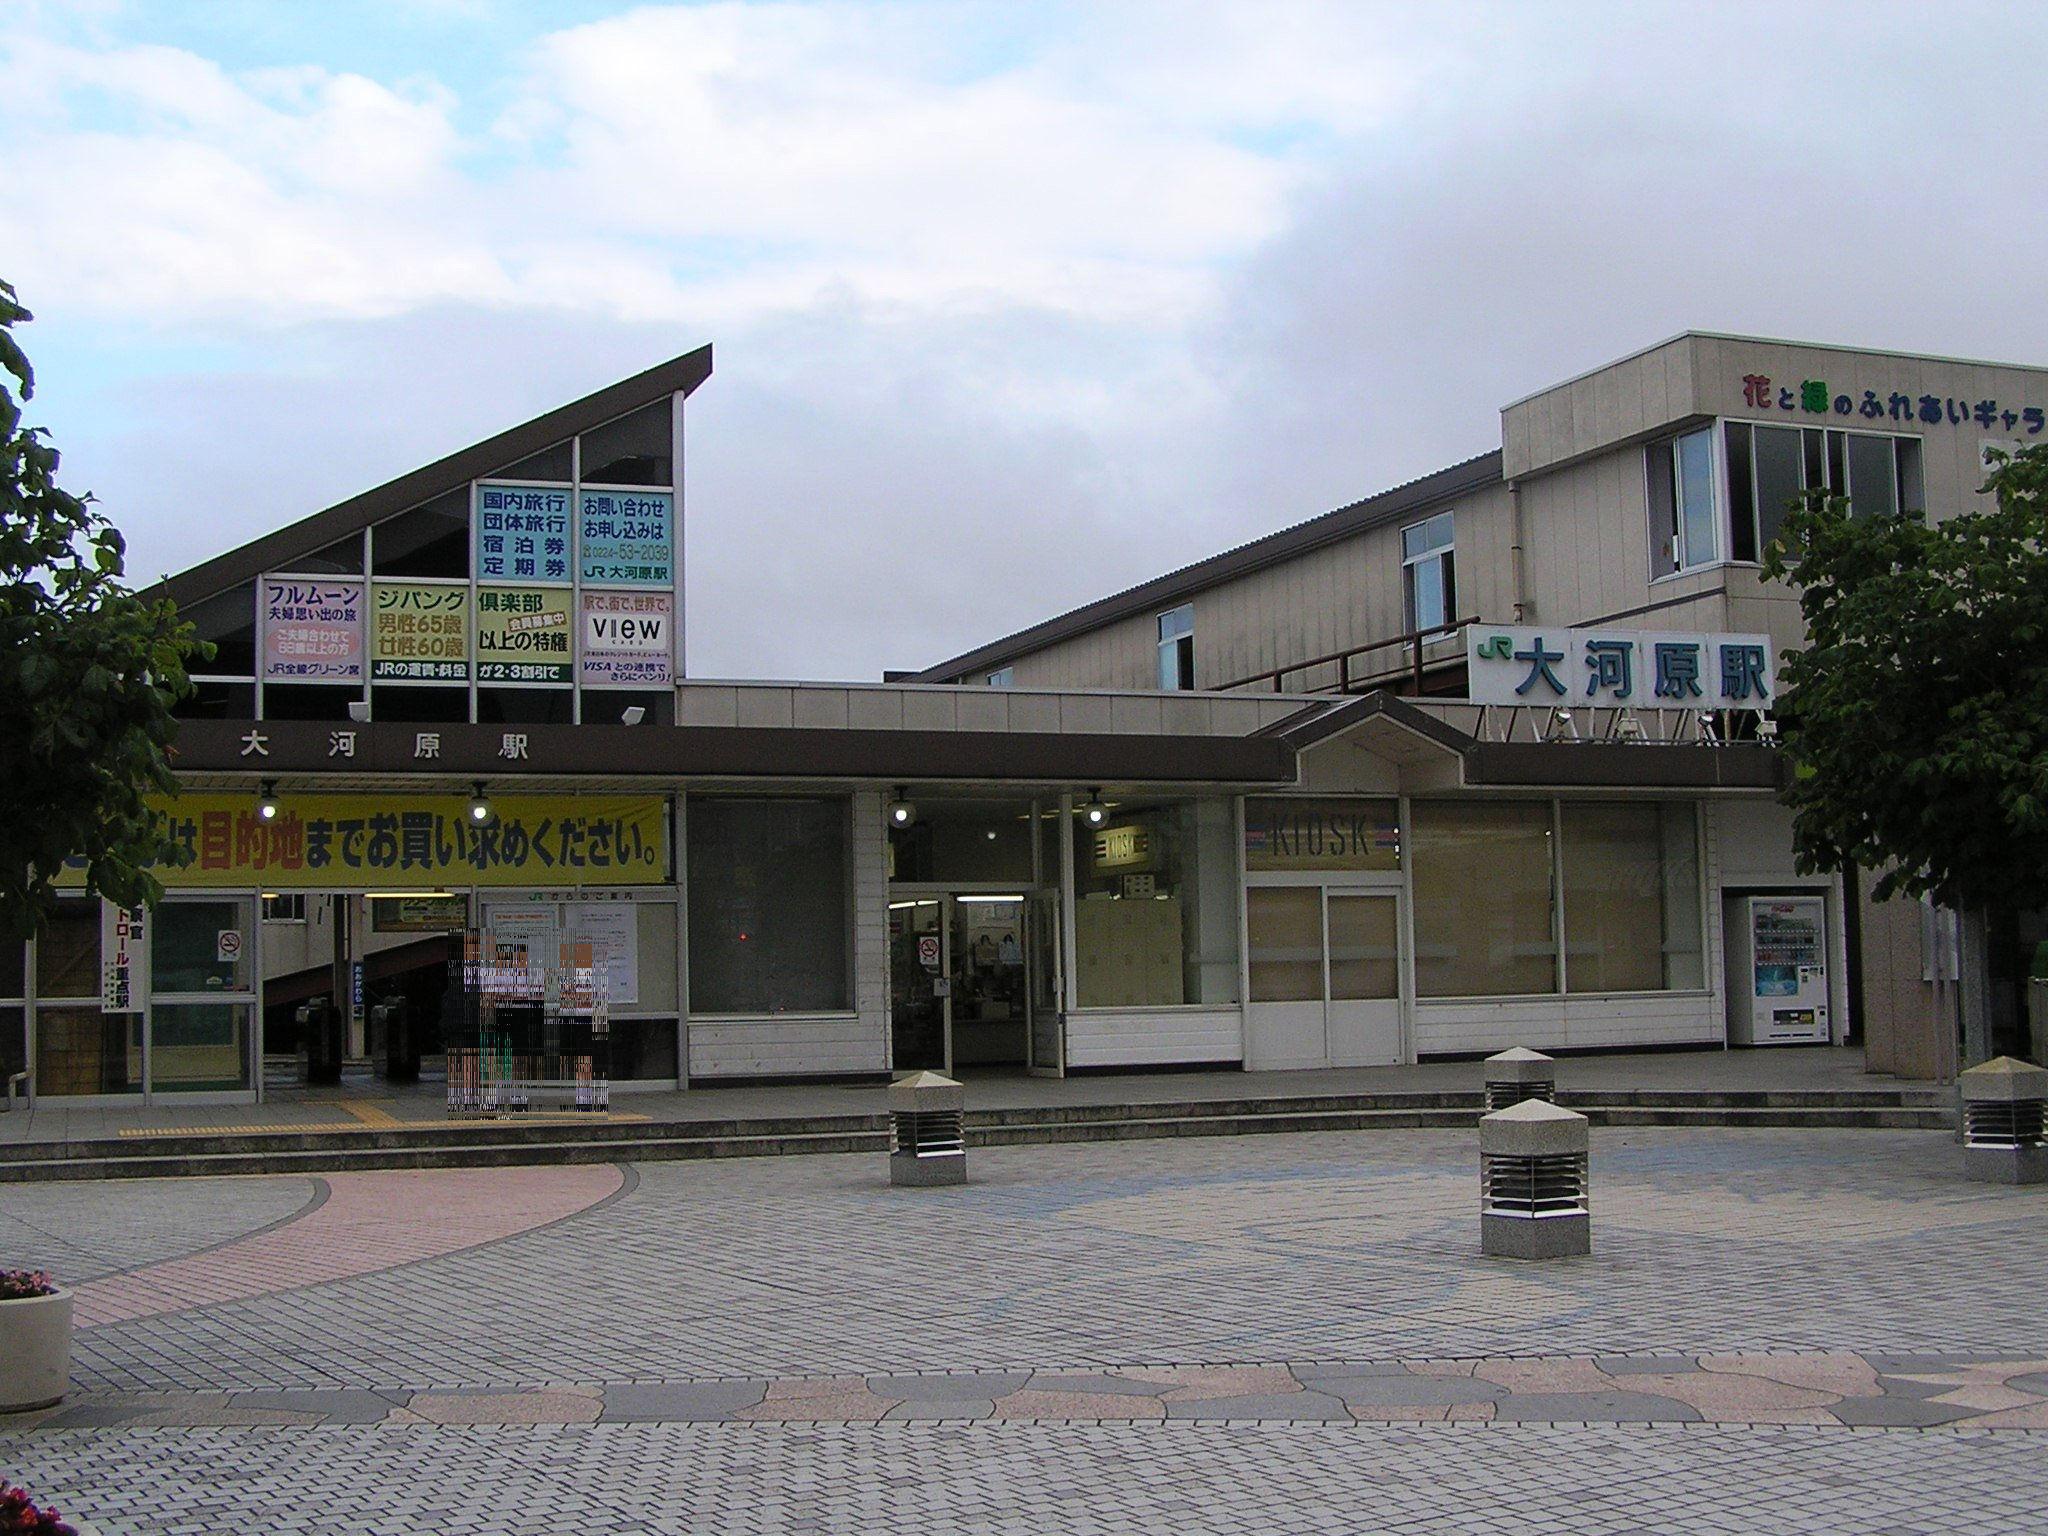 오가와라 역